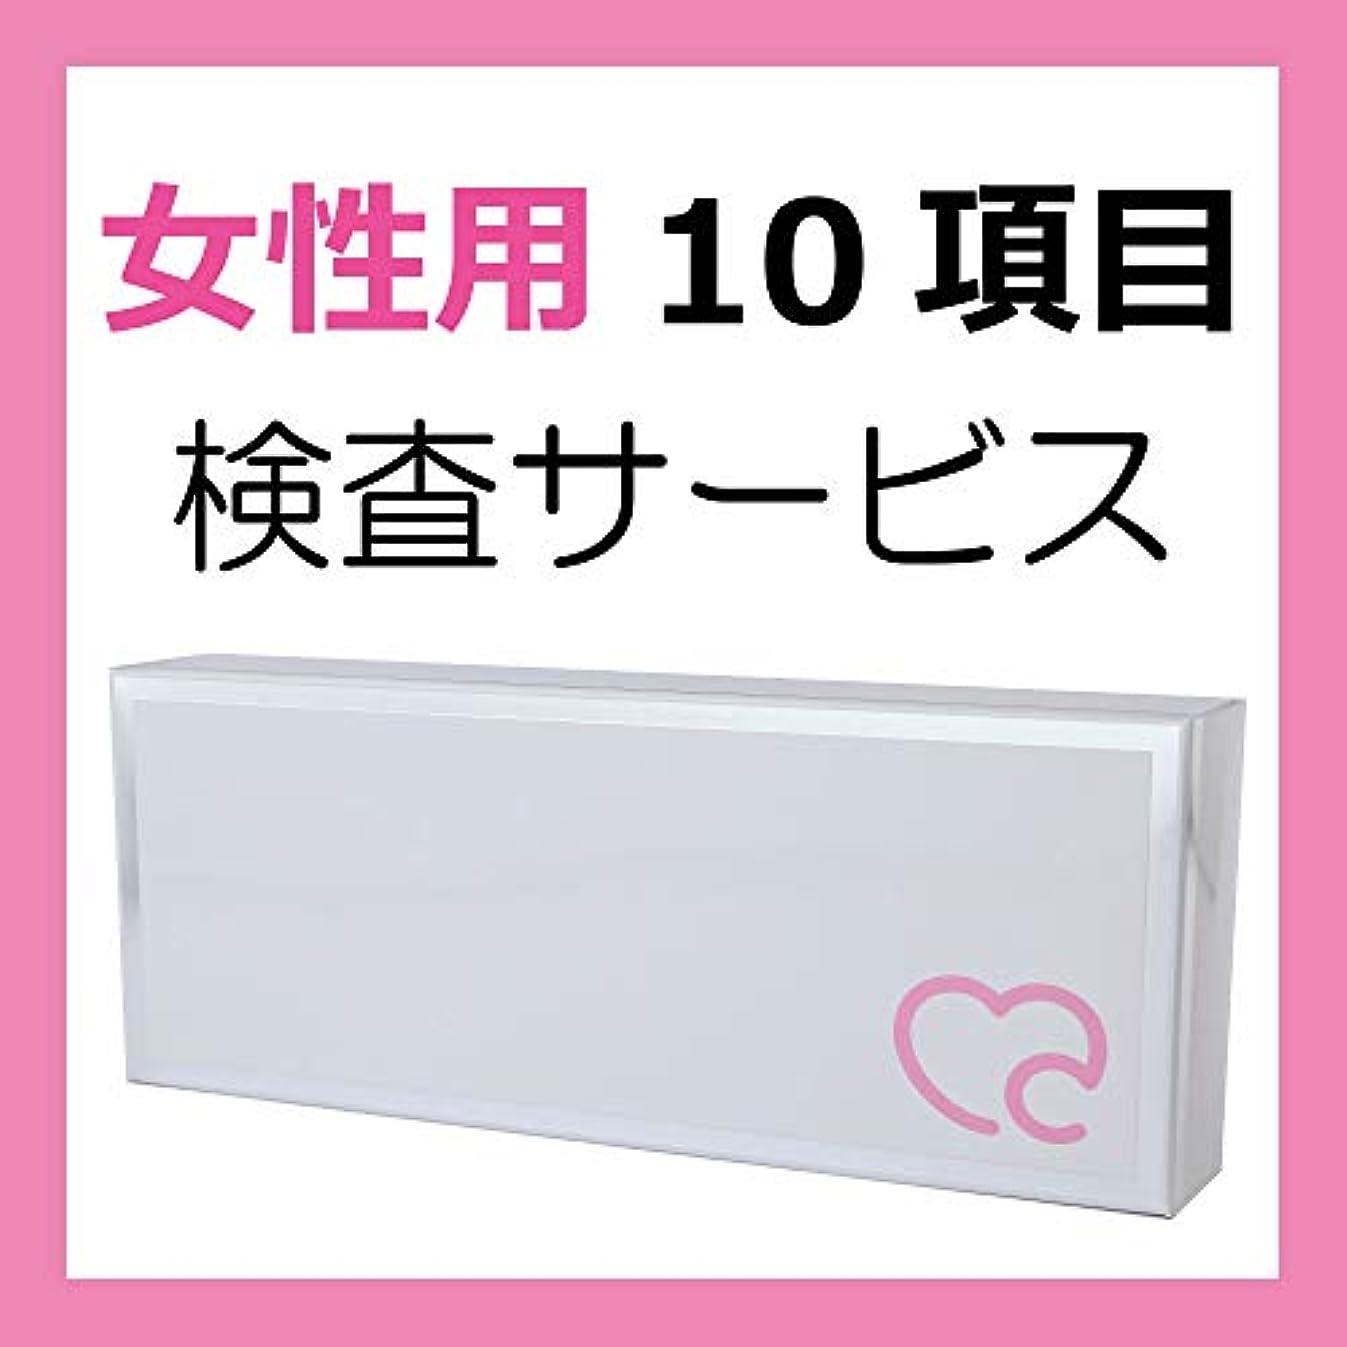 思われるスリラー大気性感染症検査 10項目 女性用 郵送検査キット 自宅で気軽に性病検査